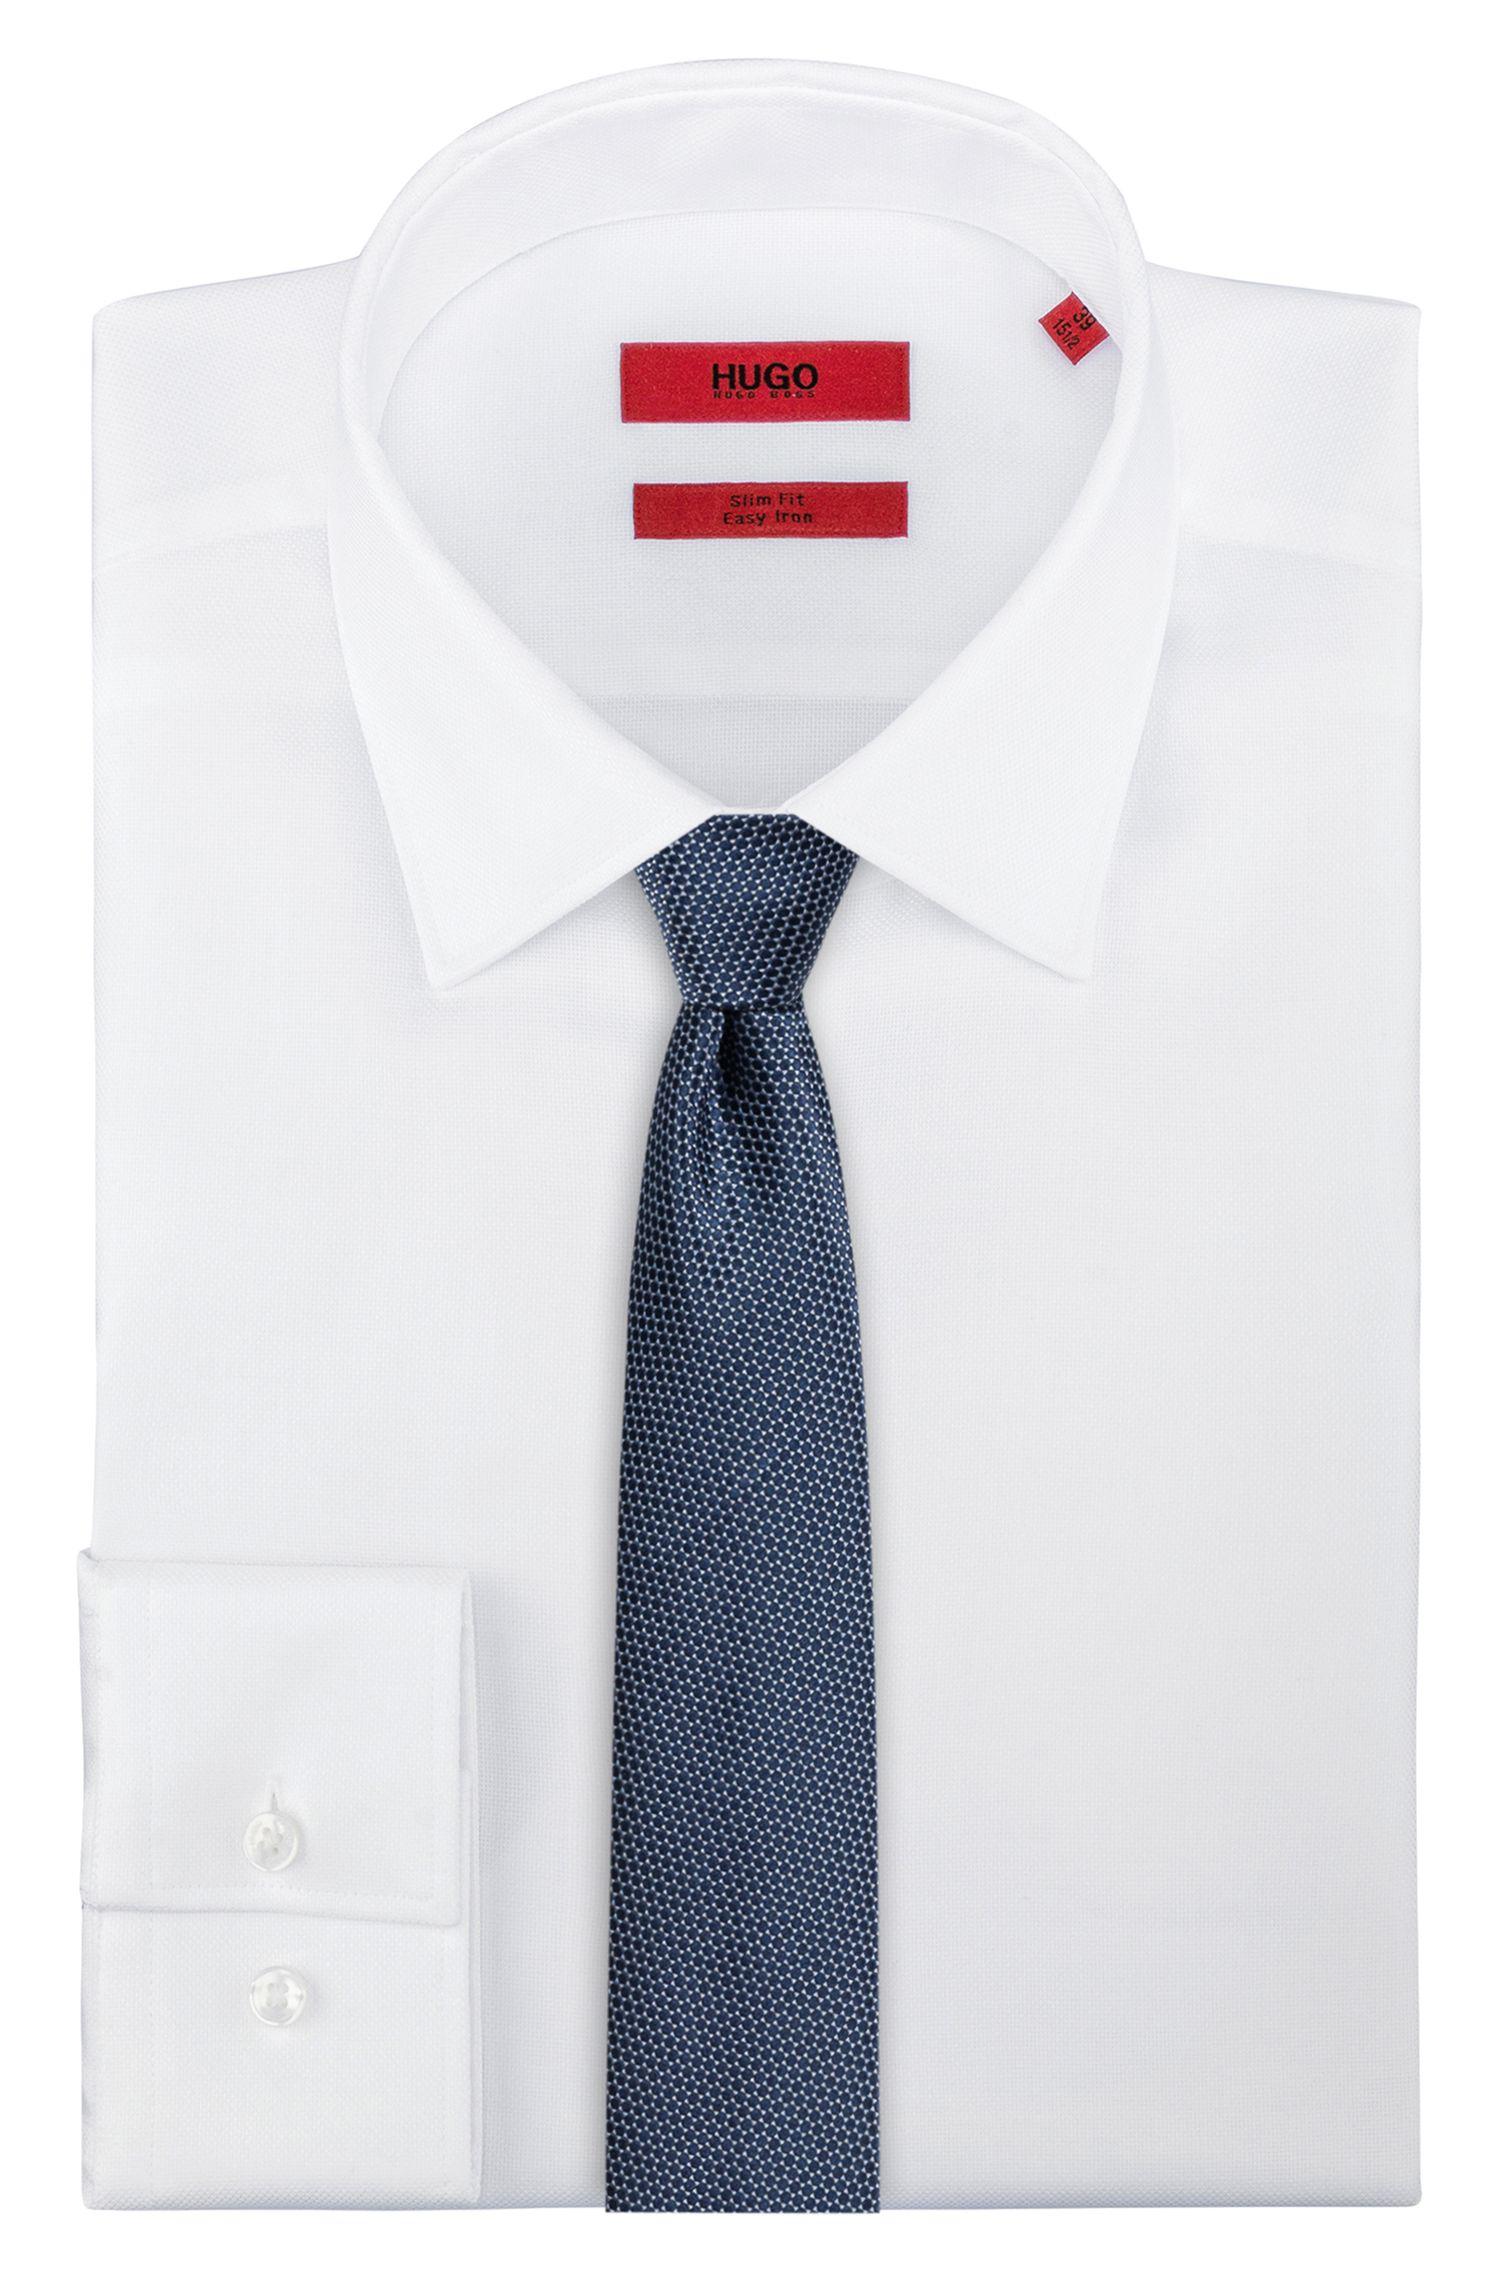 Cravatta in seta con microdisegno jacquard, A disegni